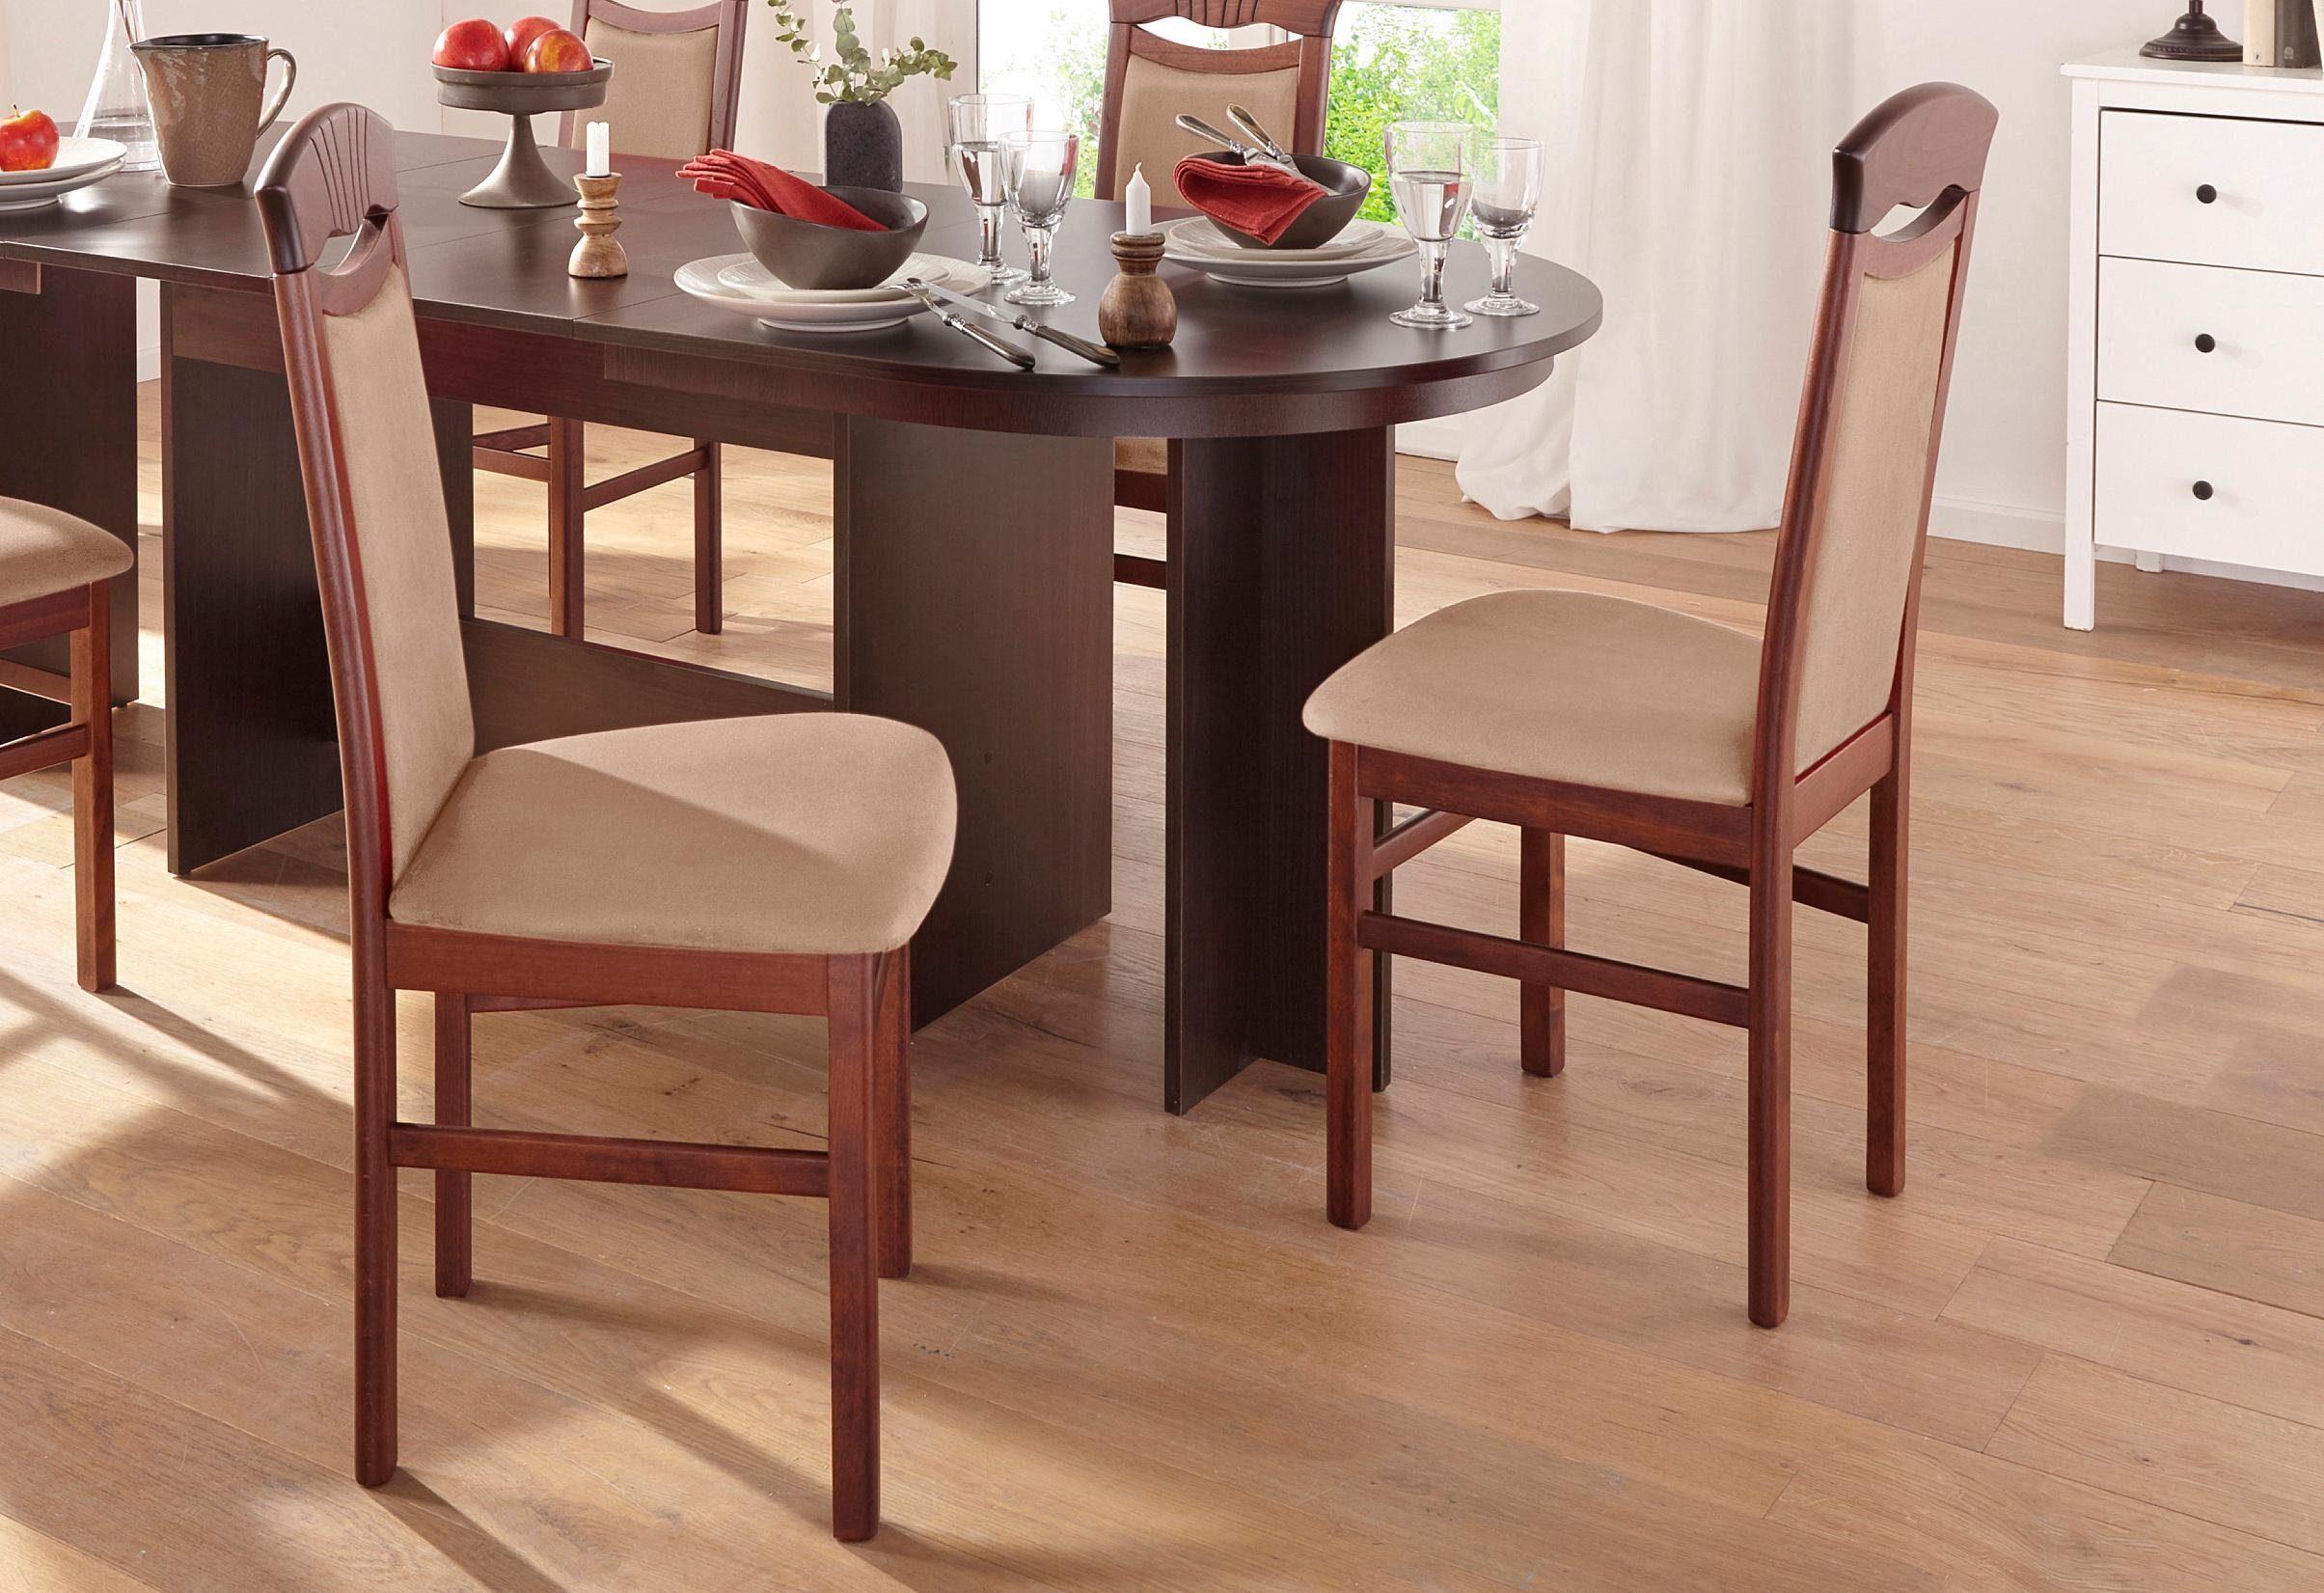 Goedkope stoelen die perfect passen in je interieur otto